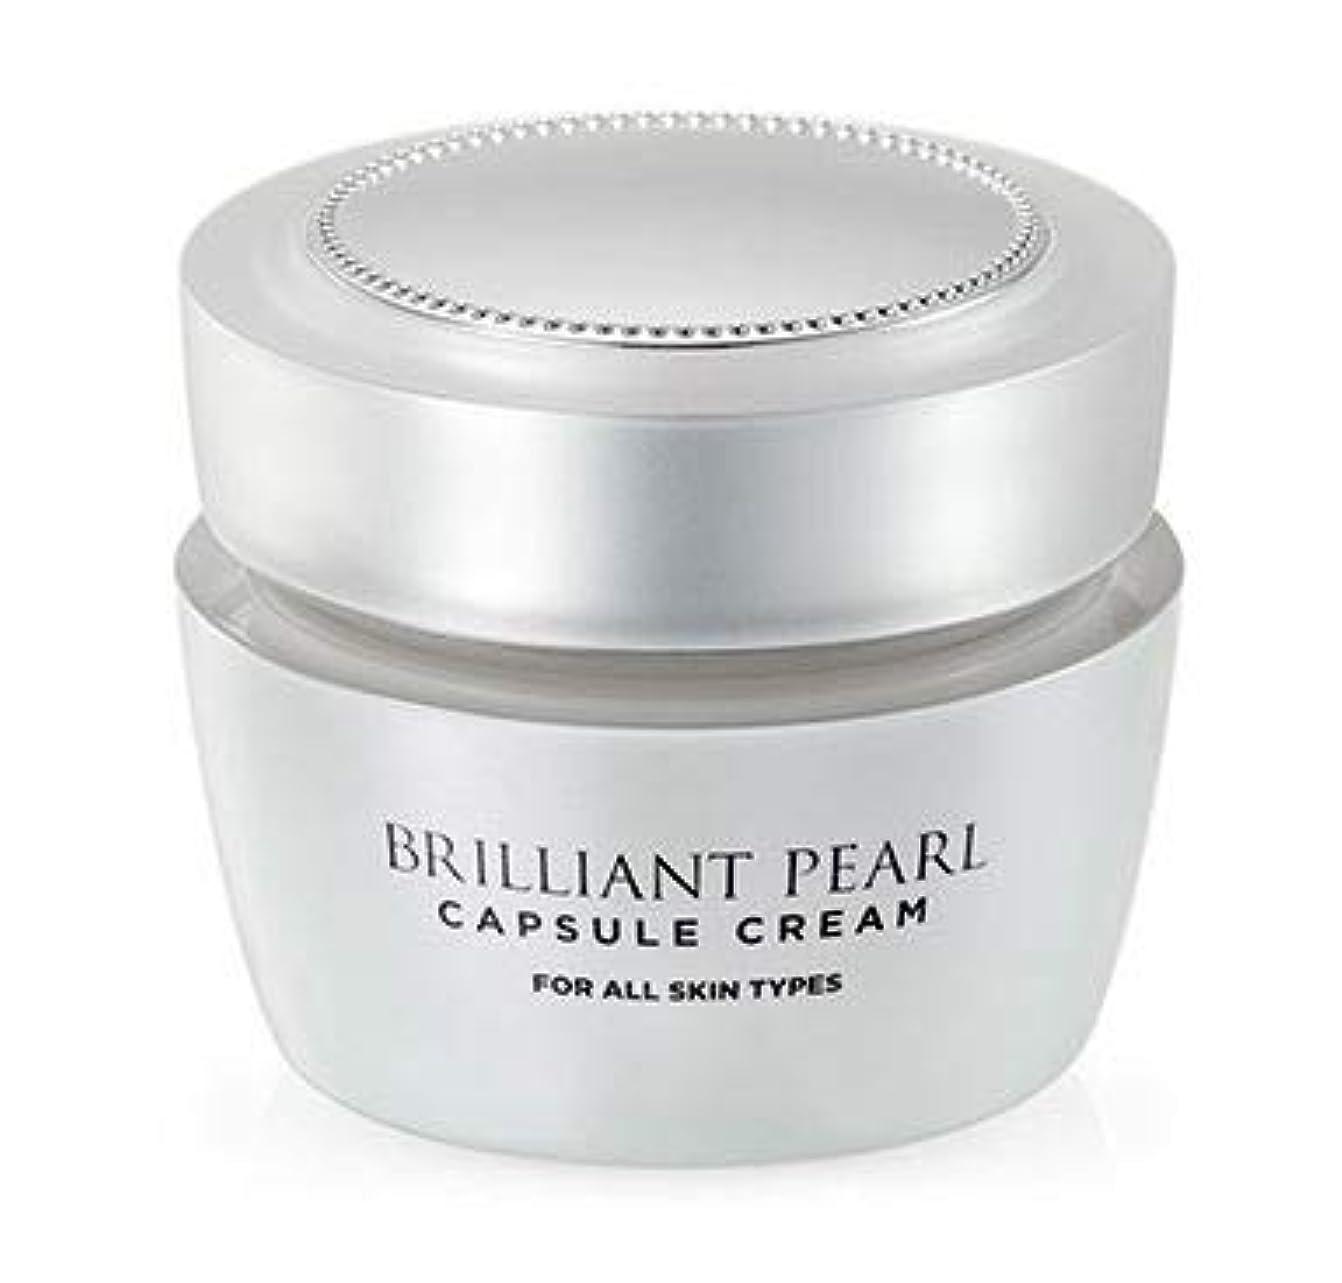 壁妻ほめる[A.H.C] Brilliant Pearl Capsule Cream 50g /ブリリアントパールカプセルクリーム50g [並行輸入品]